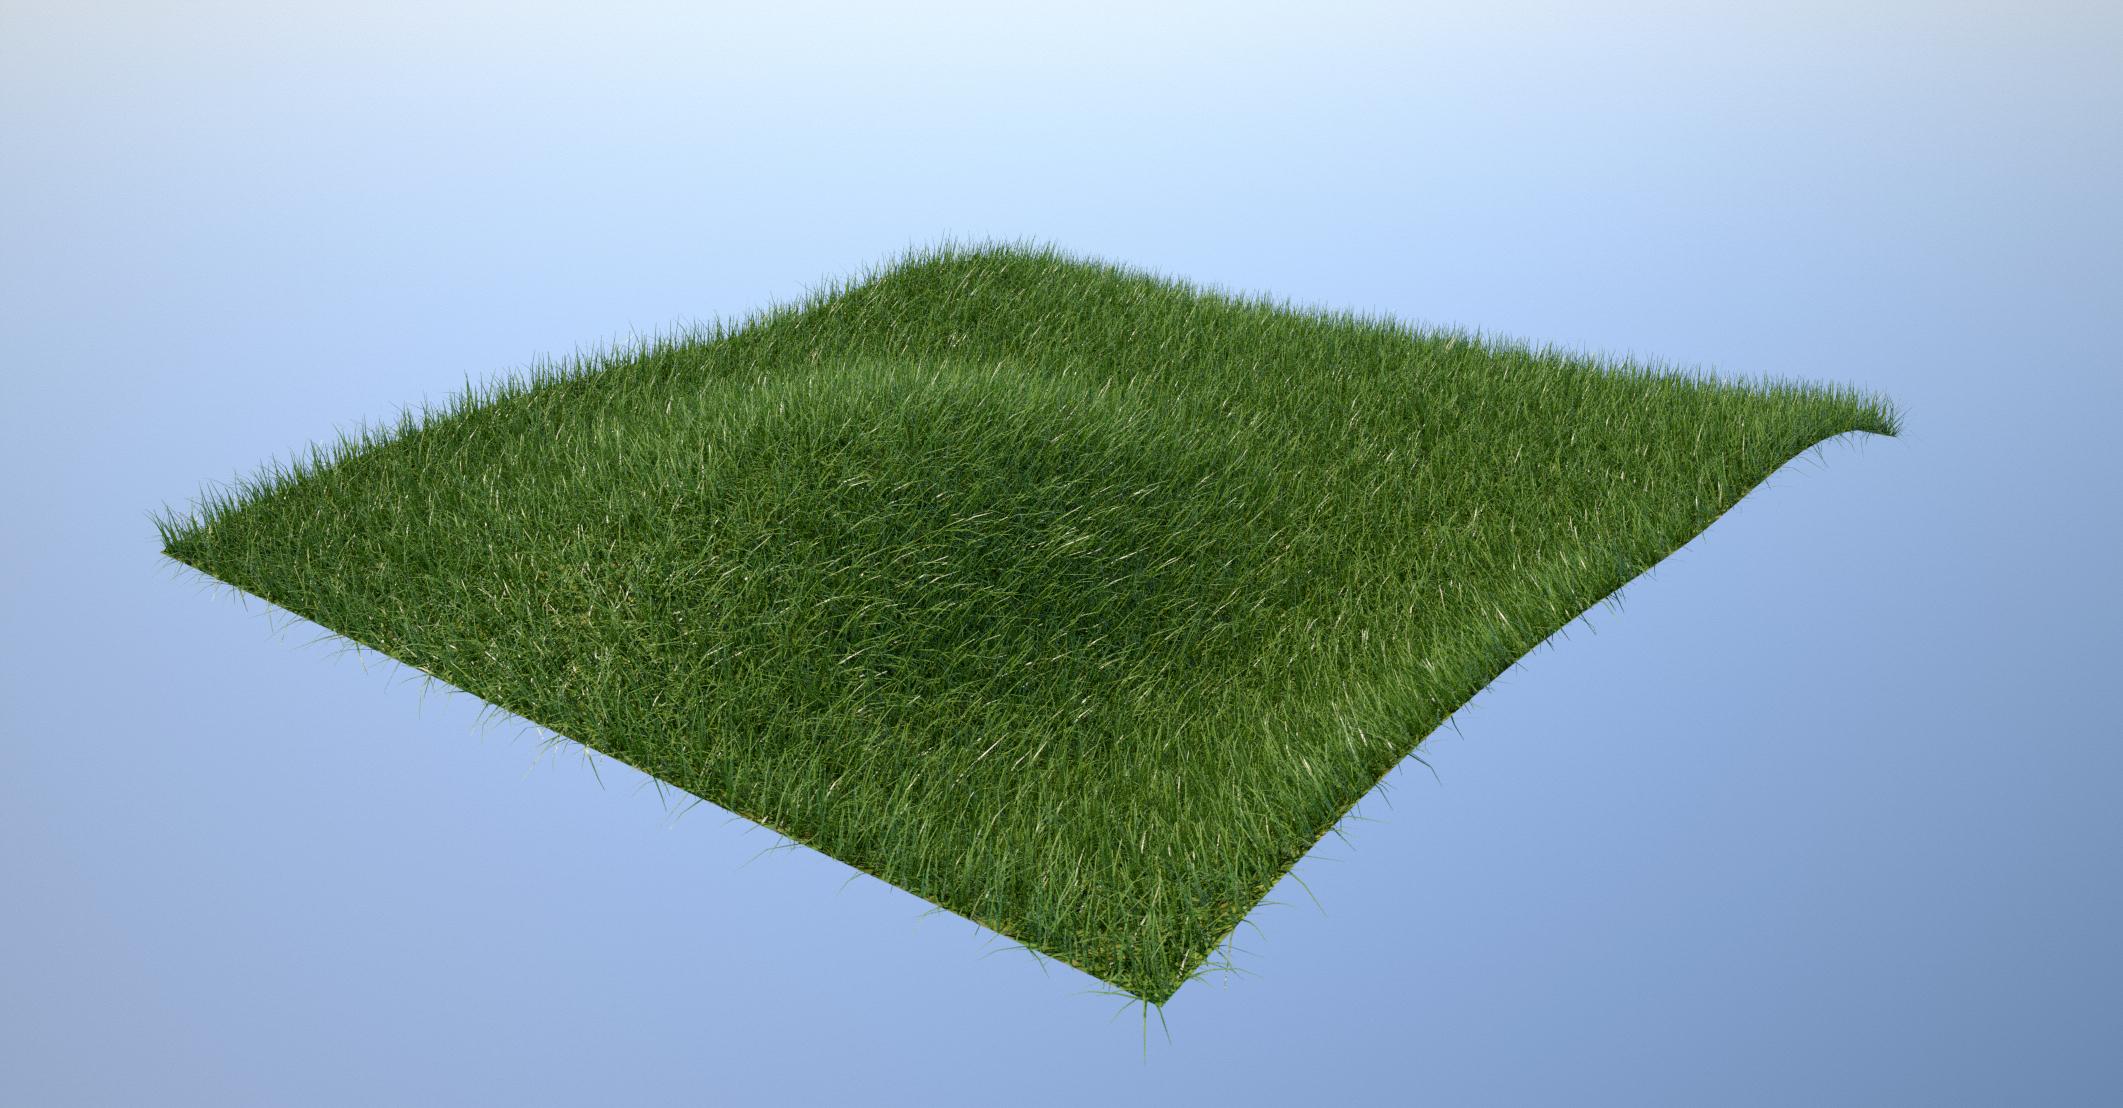 Overgrown Lawn on Nurbs Surface